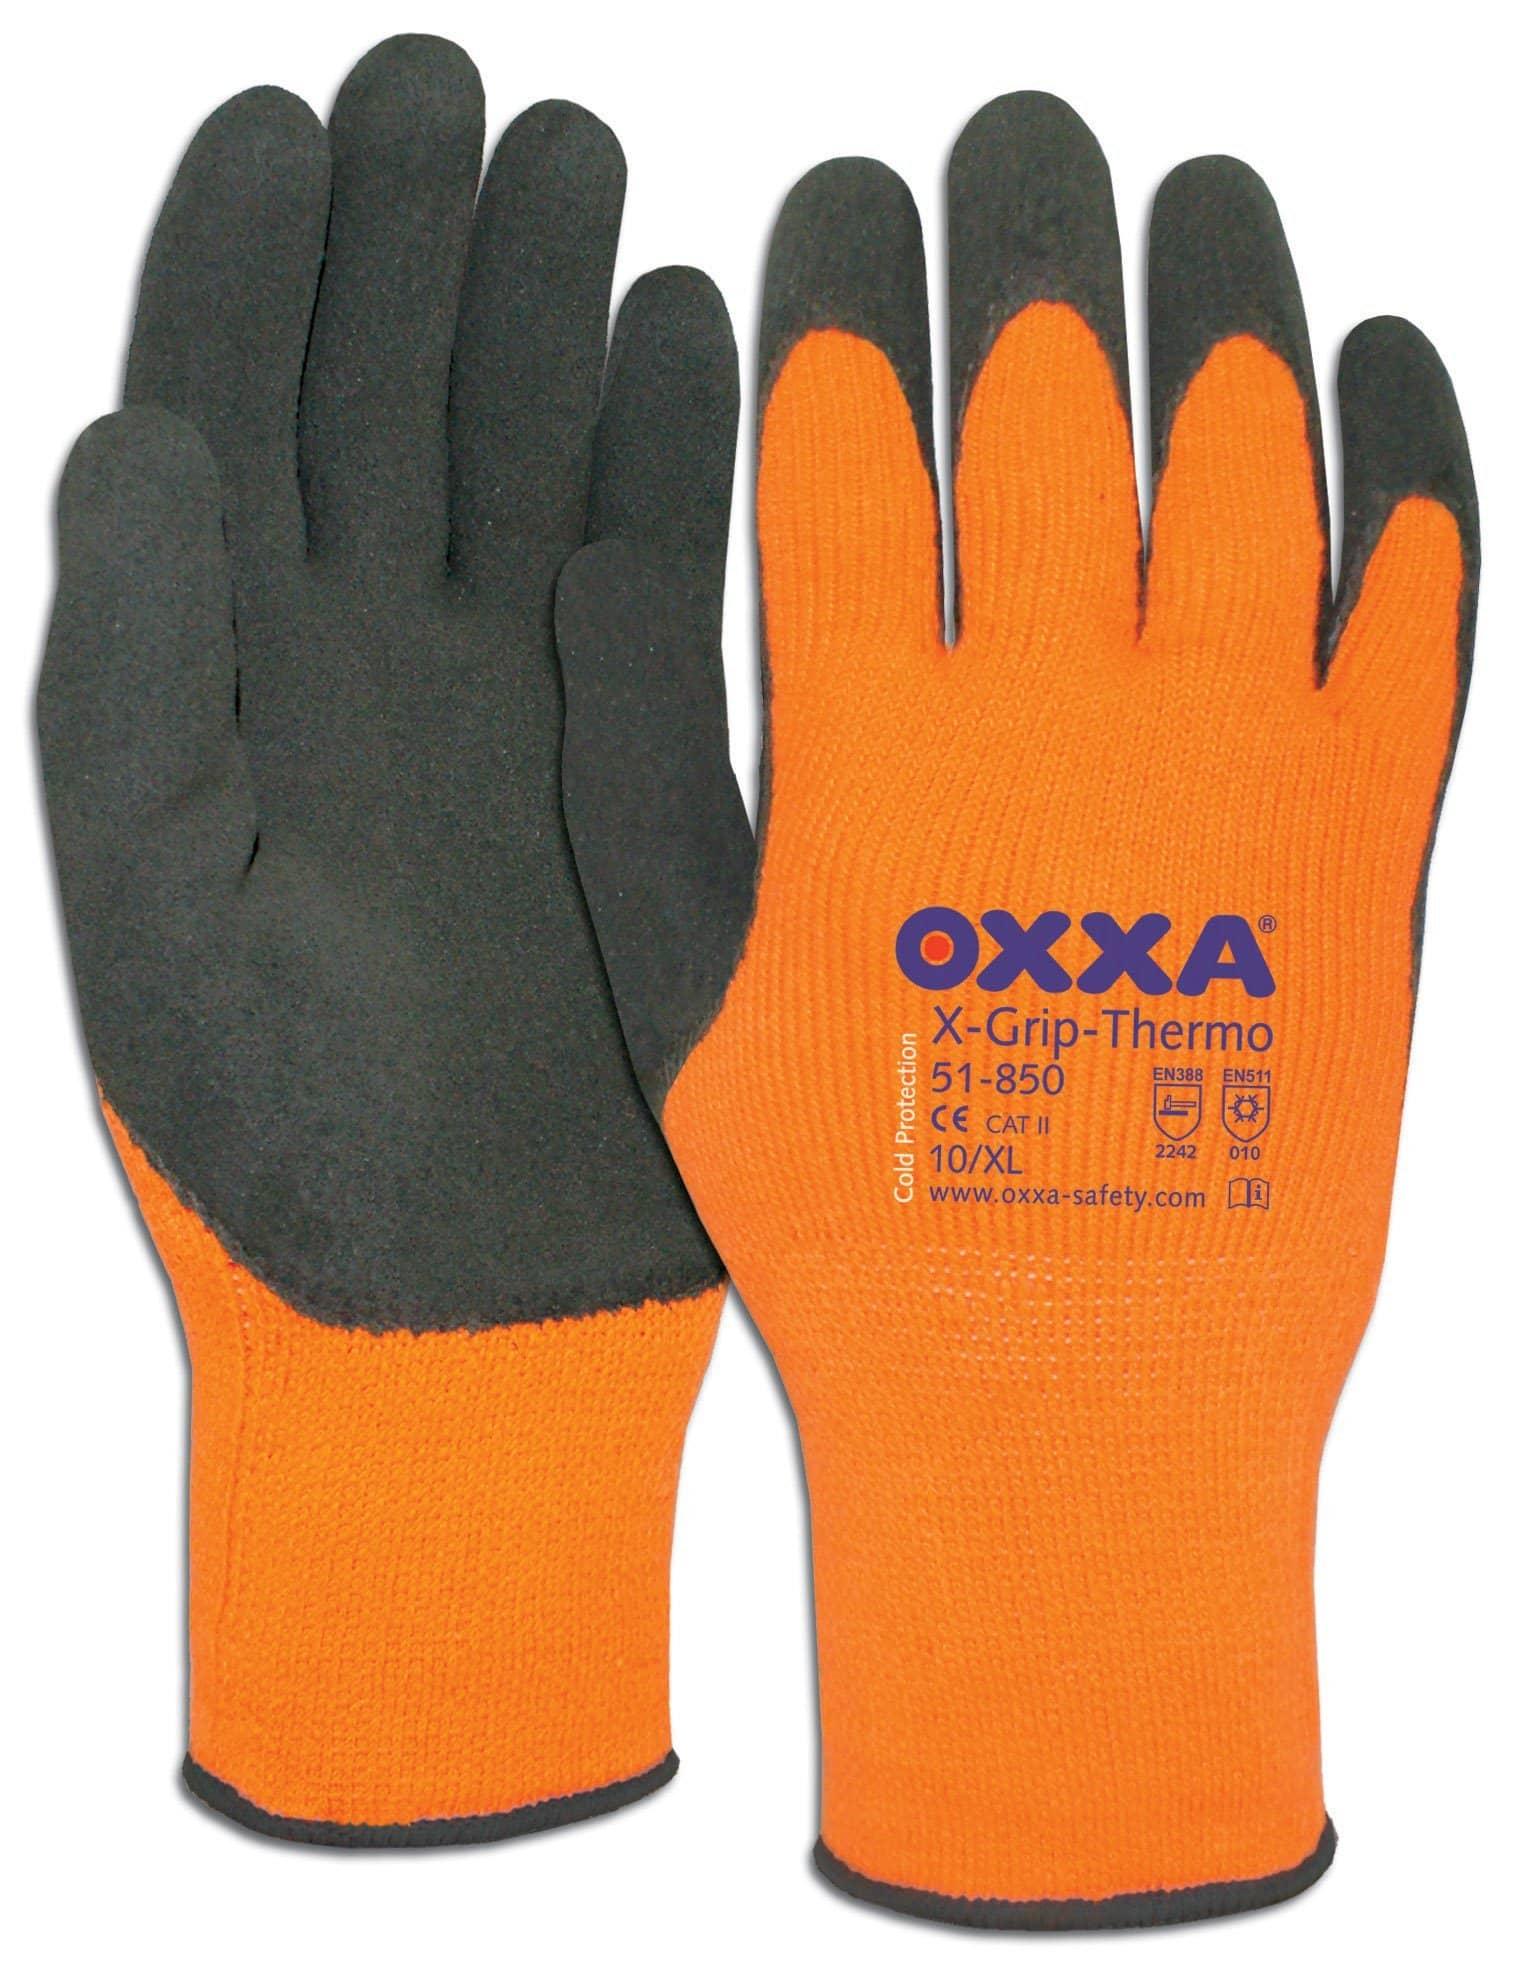 Oxxa X-Grip-Thermo 51-850 handschoenen - 12 paar